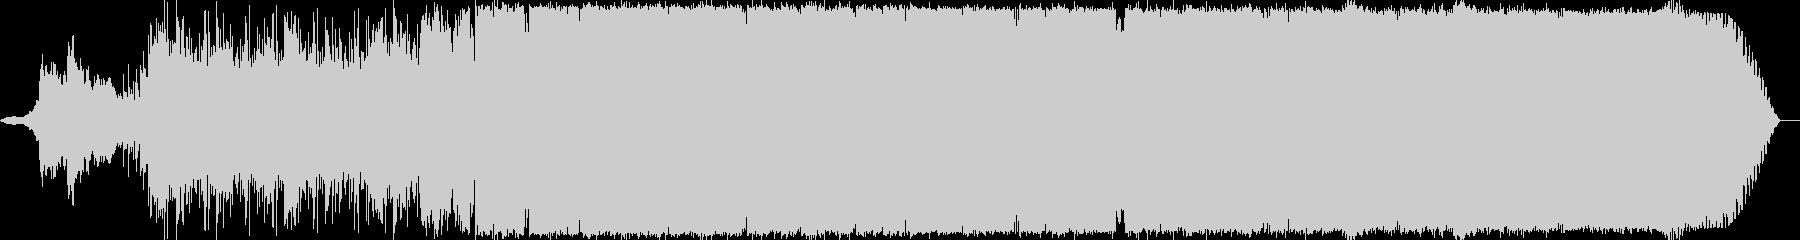 トランス風なプログレです。の未再生の波形